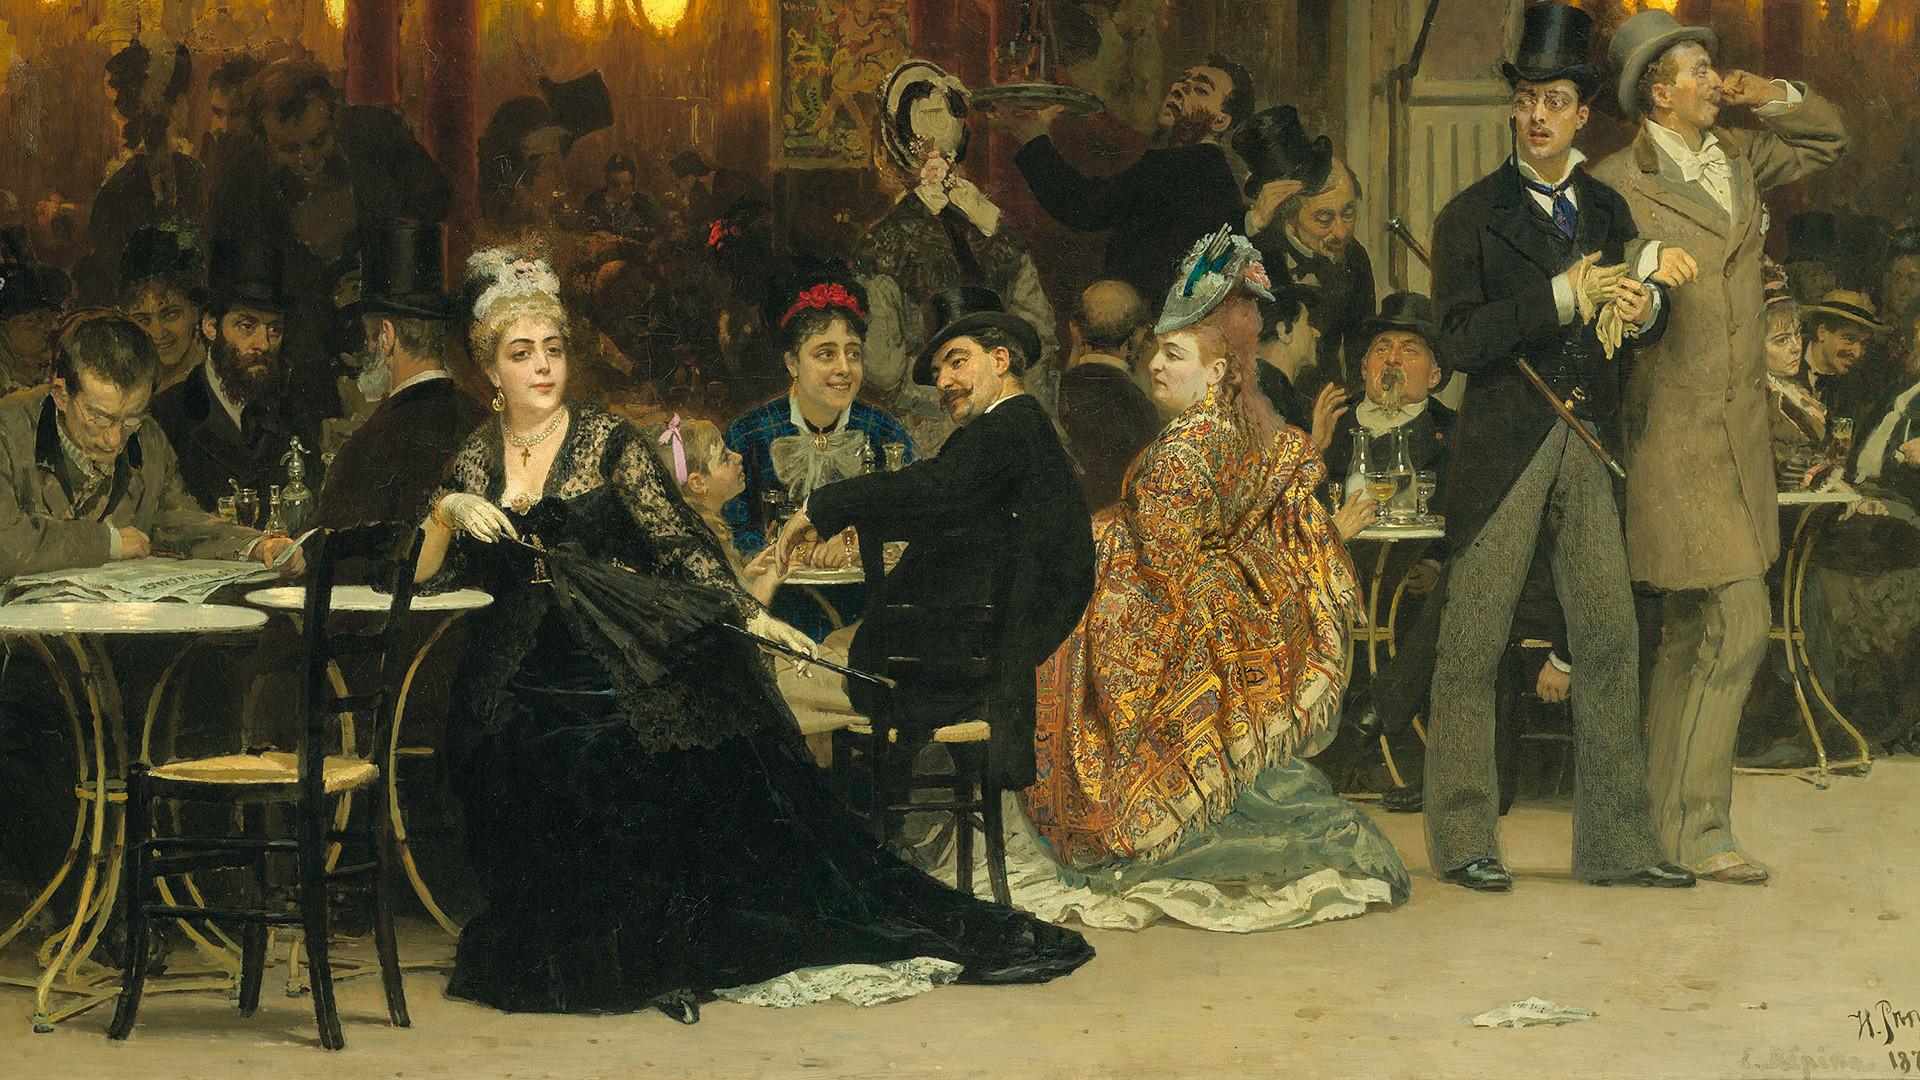 Café parisien, 1875